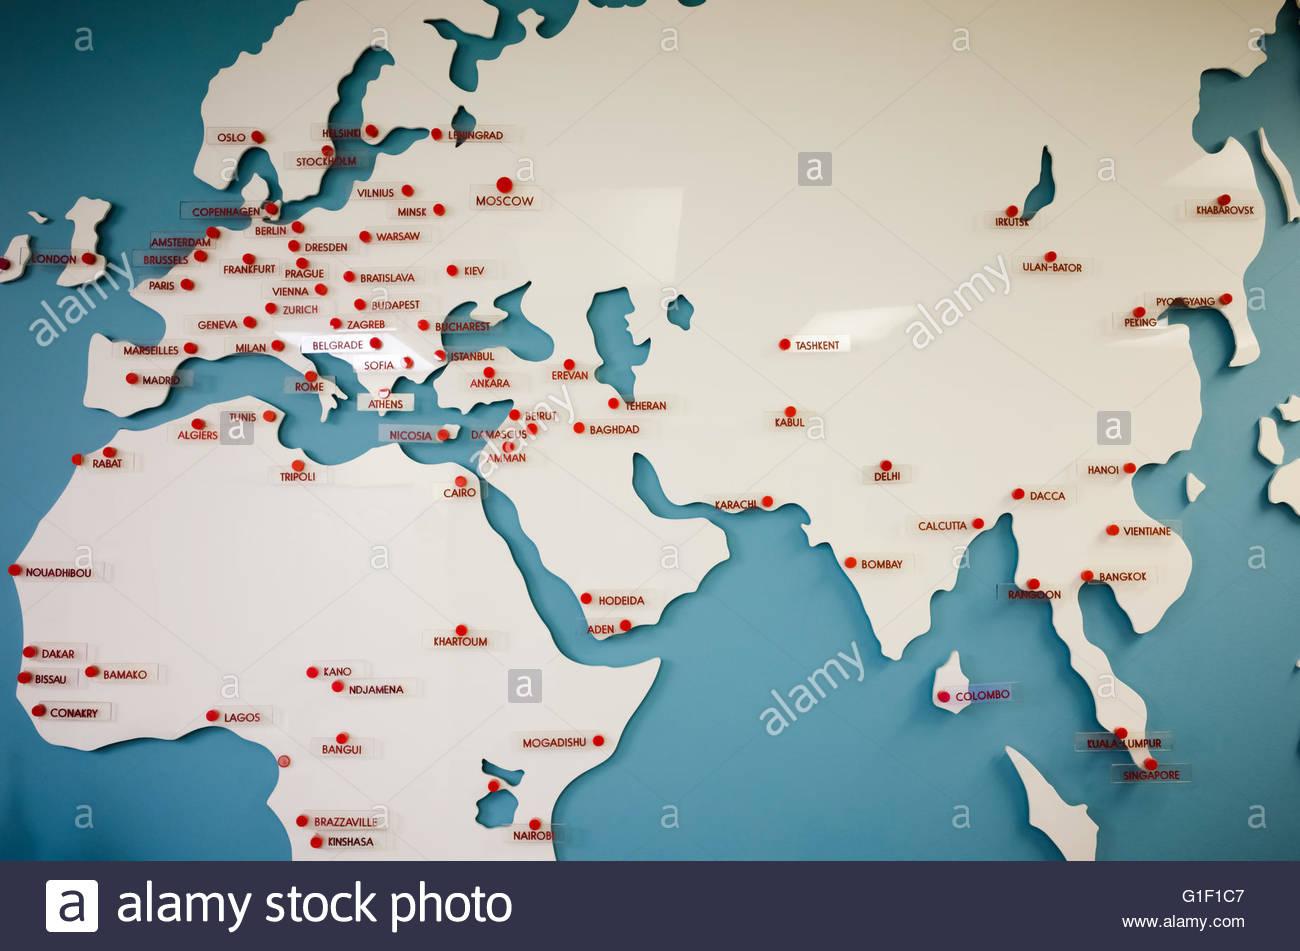 Gros Blanc Continental Carte Sur Fond Bleu Couvrant L'europe dedans Carte Europe Capitales Et Pays